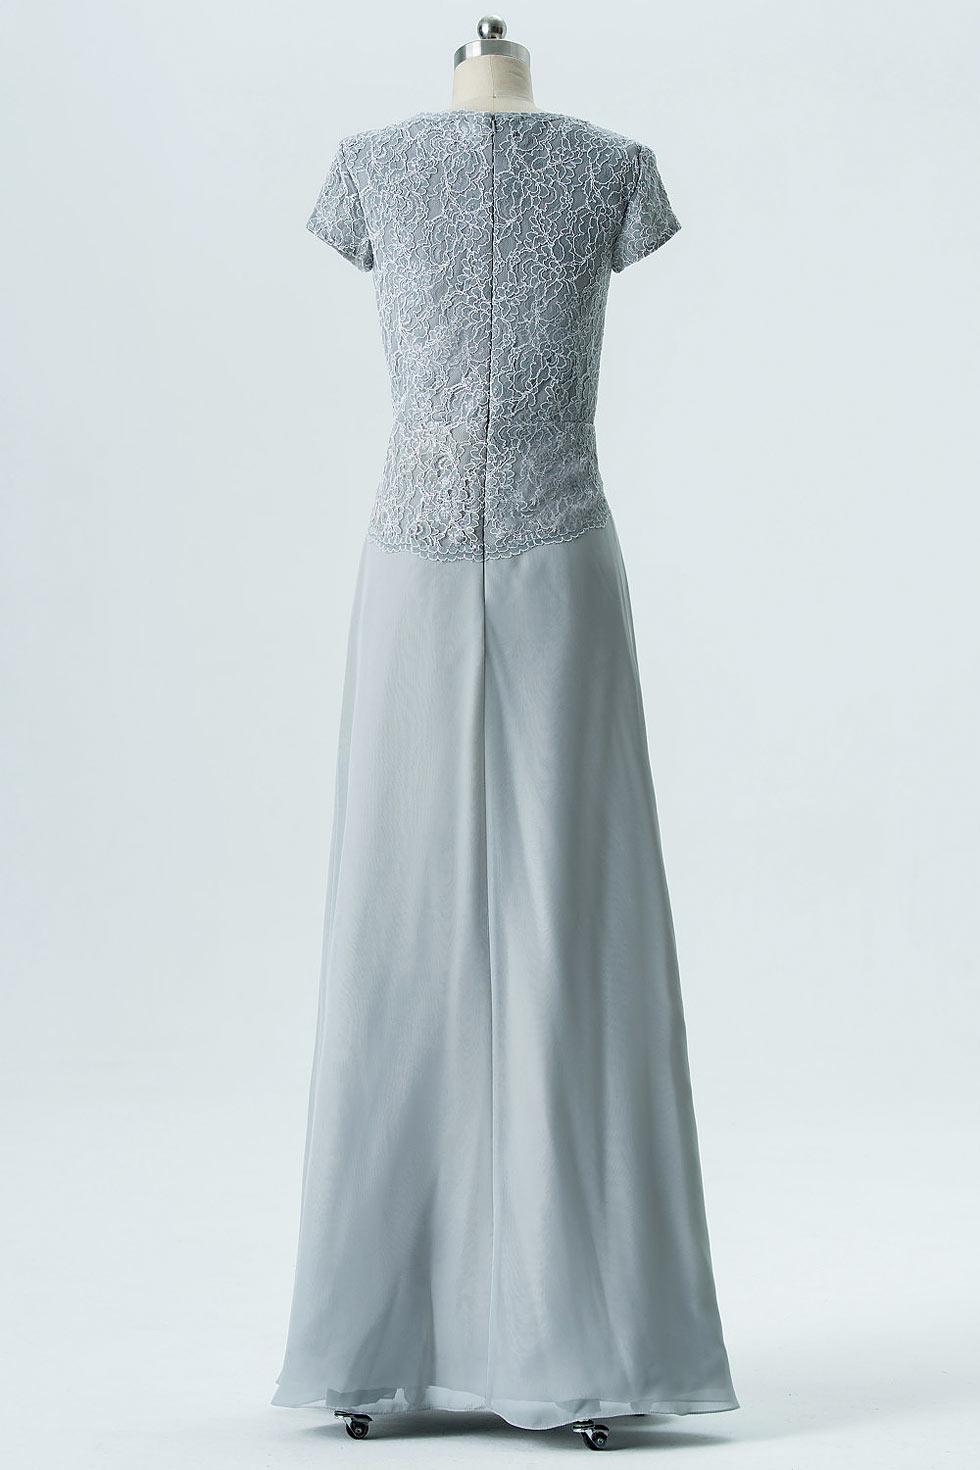 Robe cérémonie mariage argentée haut en dentelle guipure pour mère de mariée